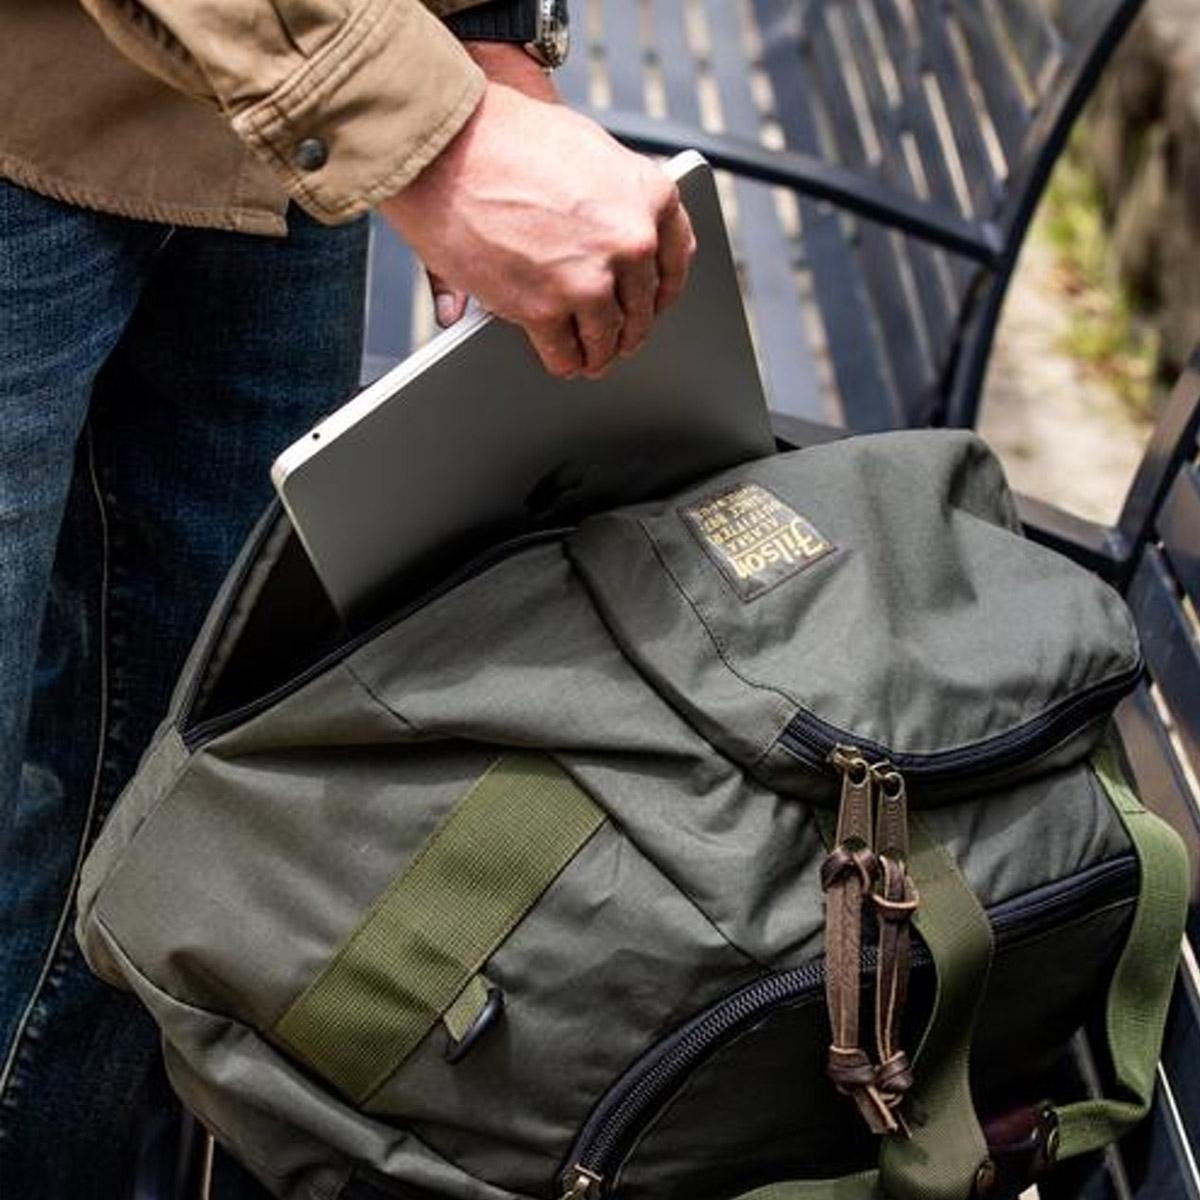 Filson Duffle Pack 20019935 Otter Green, vielseitiger, starker und leichter Reisebegleiter